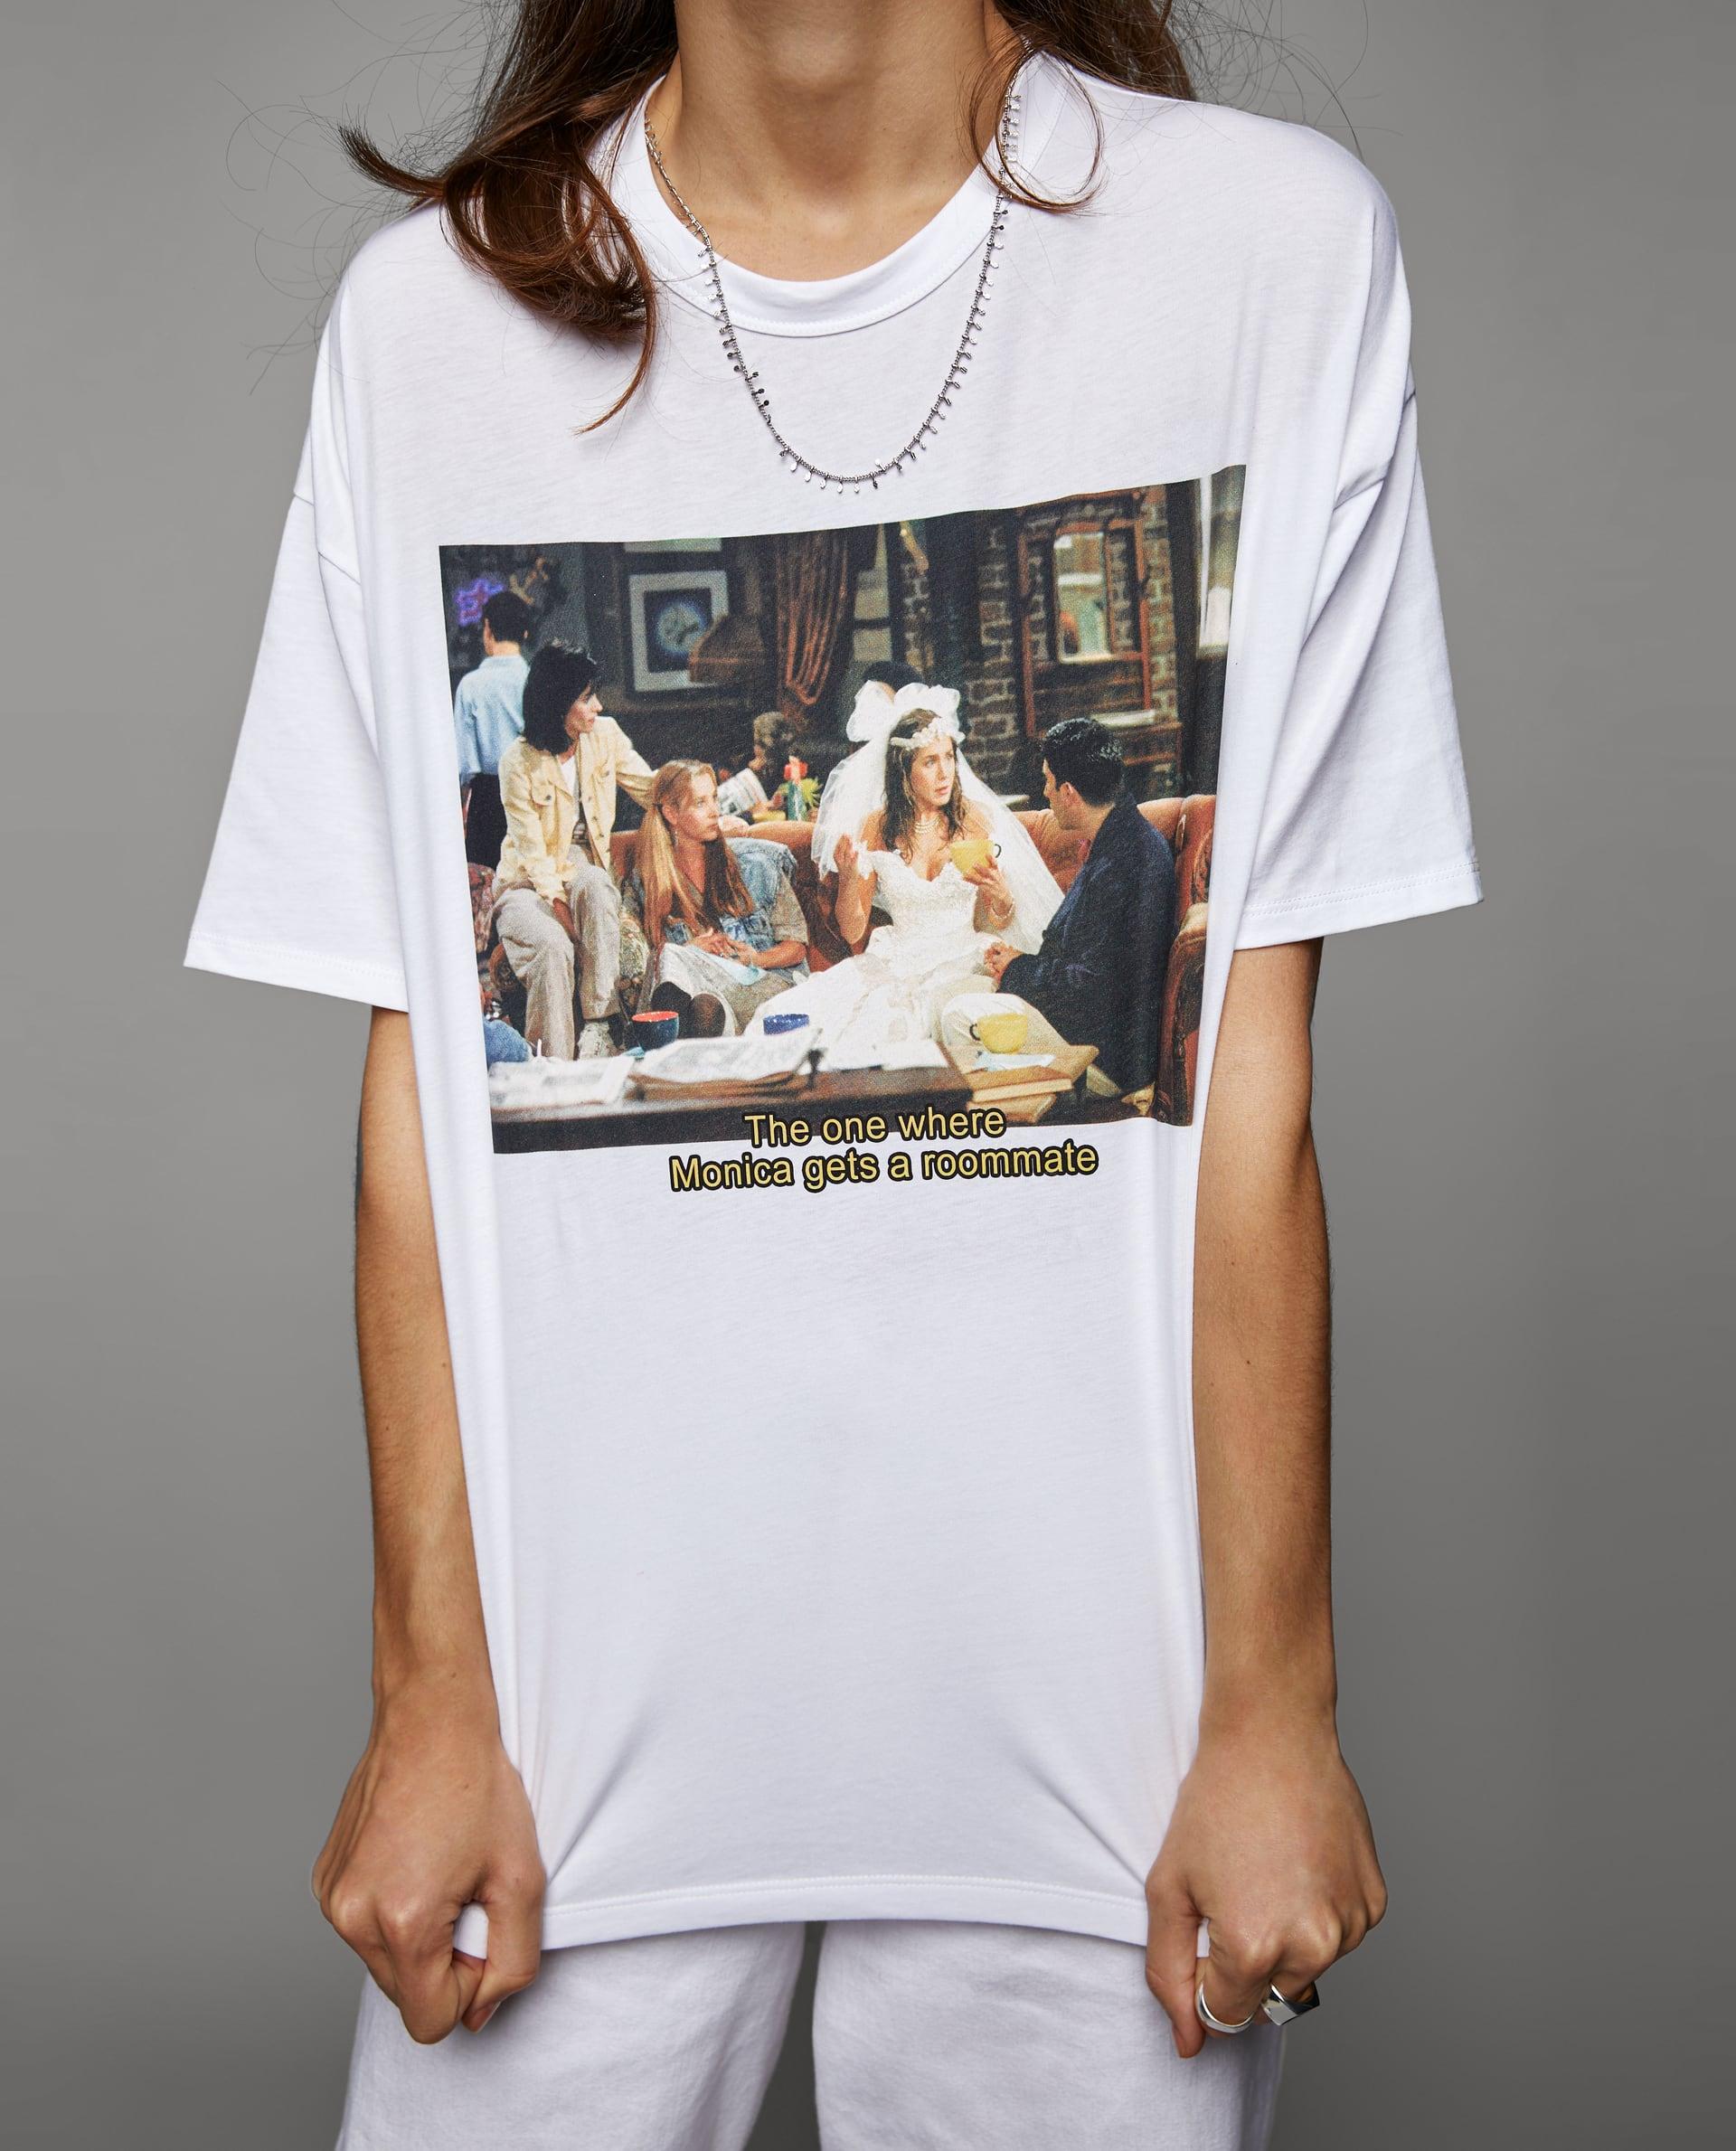 5199012dfcfc Första dagen på stan och du har på dig din nya ROLIGA t-shirt från Zara  instoppad i ett par fladdriga röda sidenbyxor och rena vita sneakers.